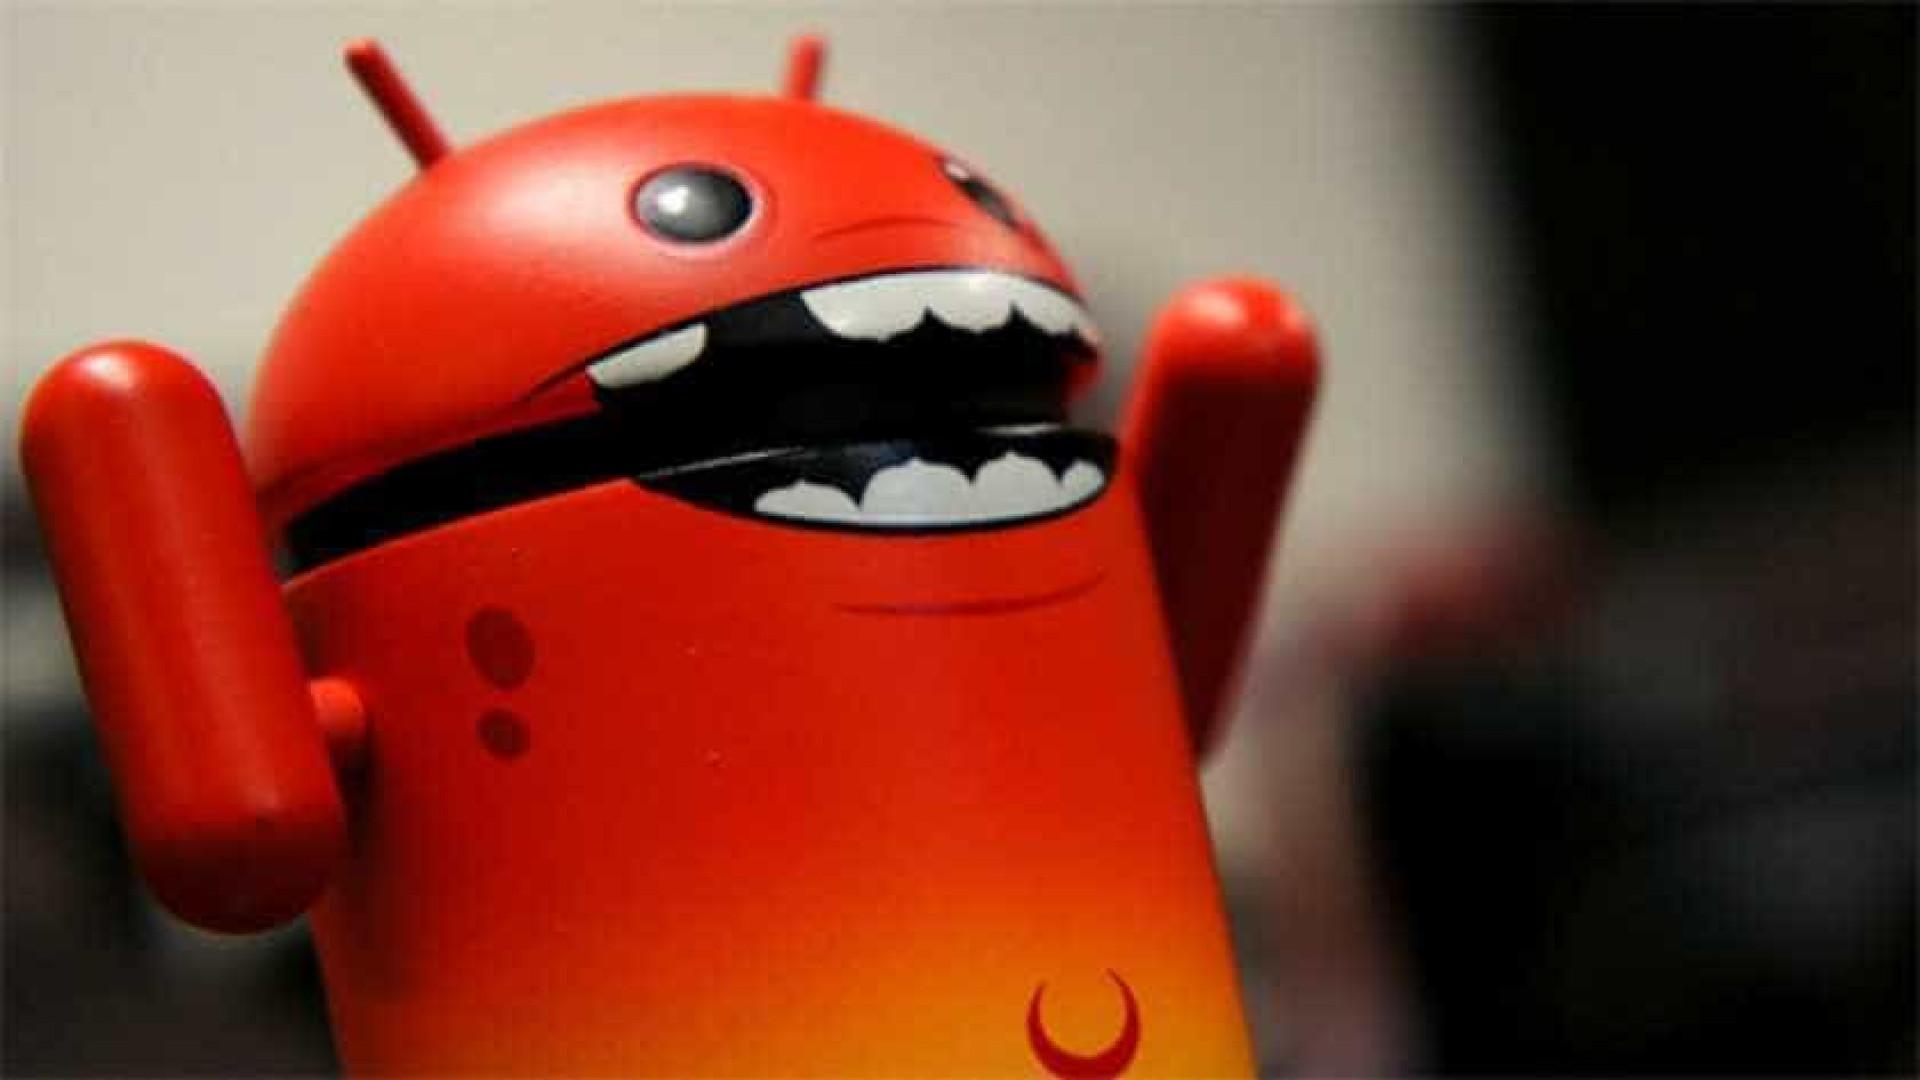 Maioria dos Android é vulnerável a ataque que grava ecrã